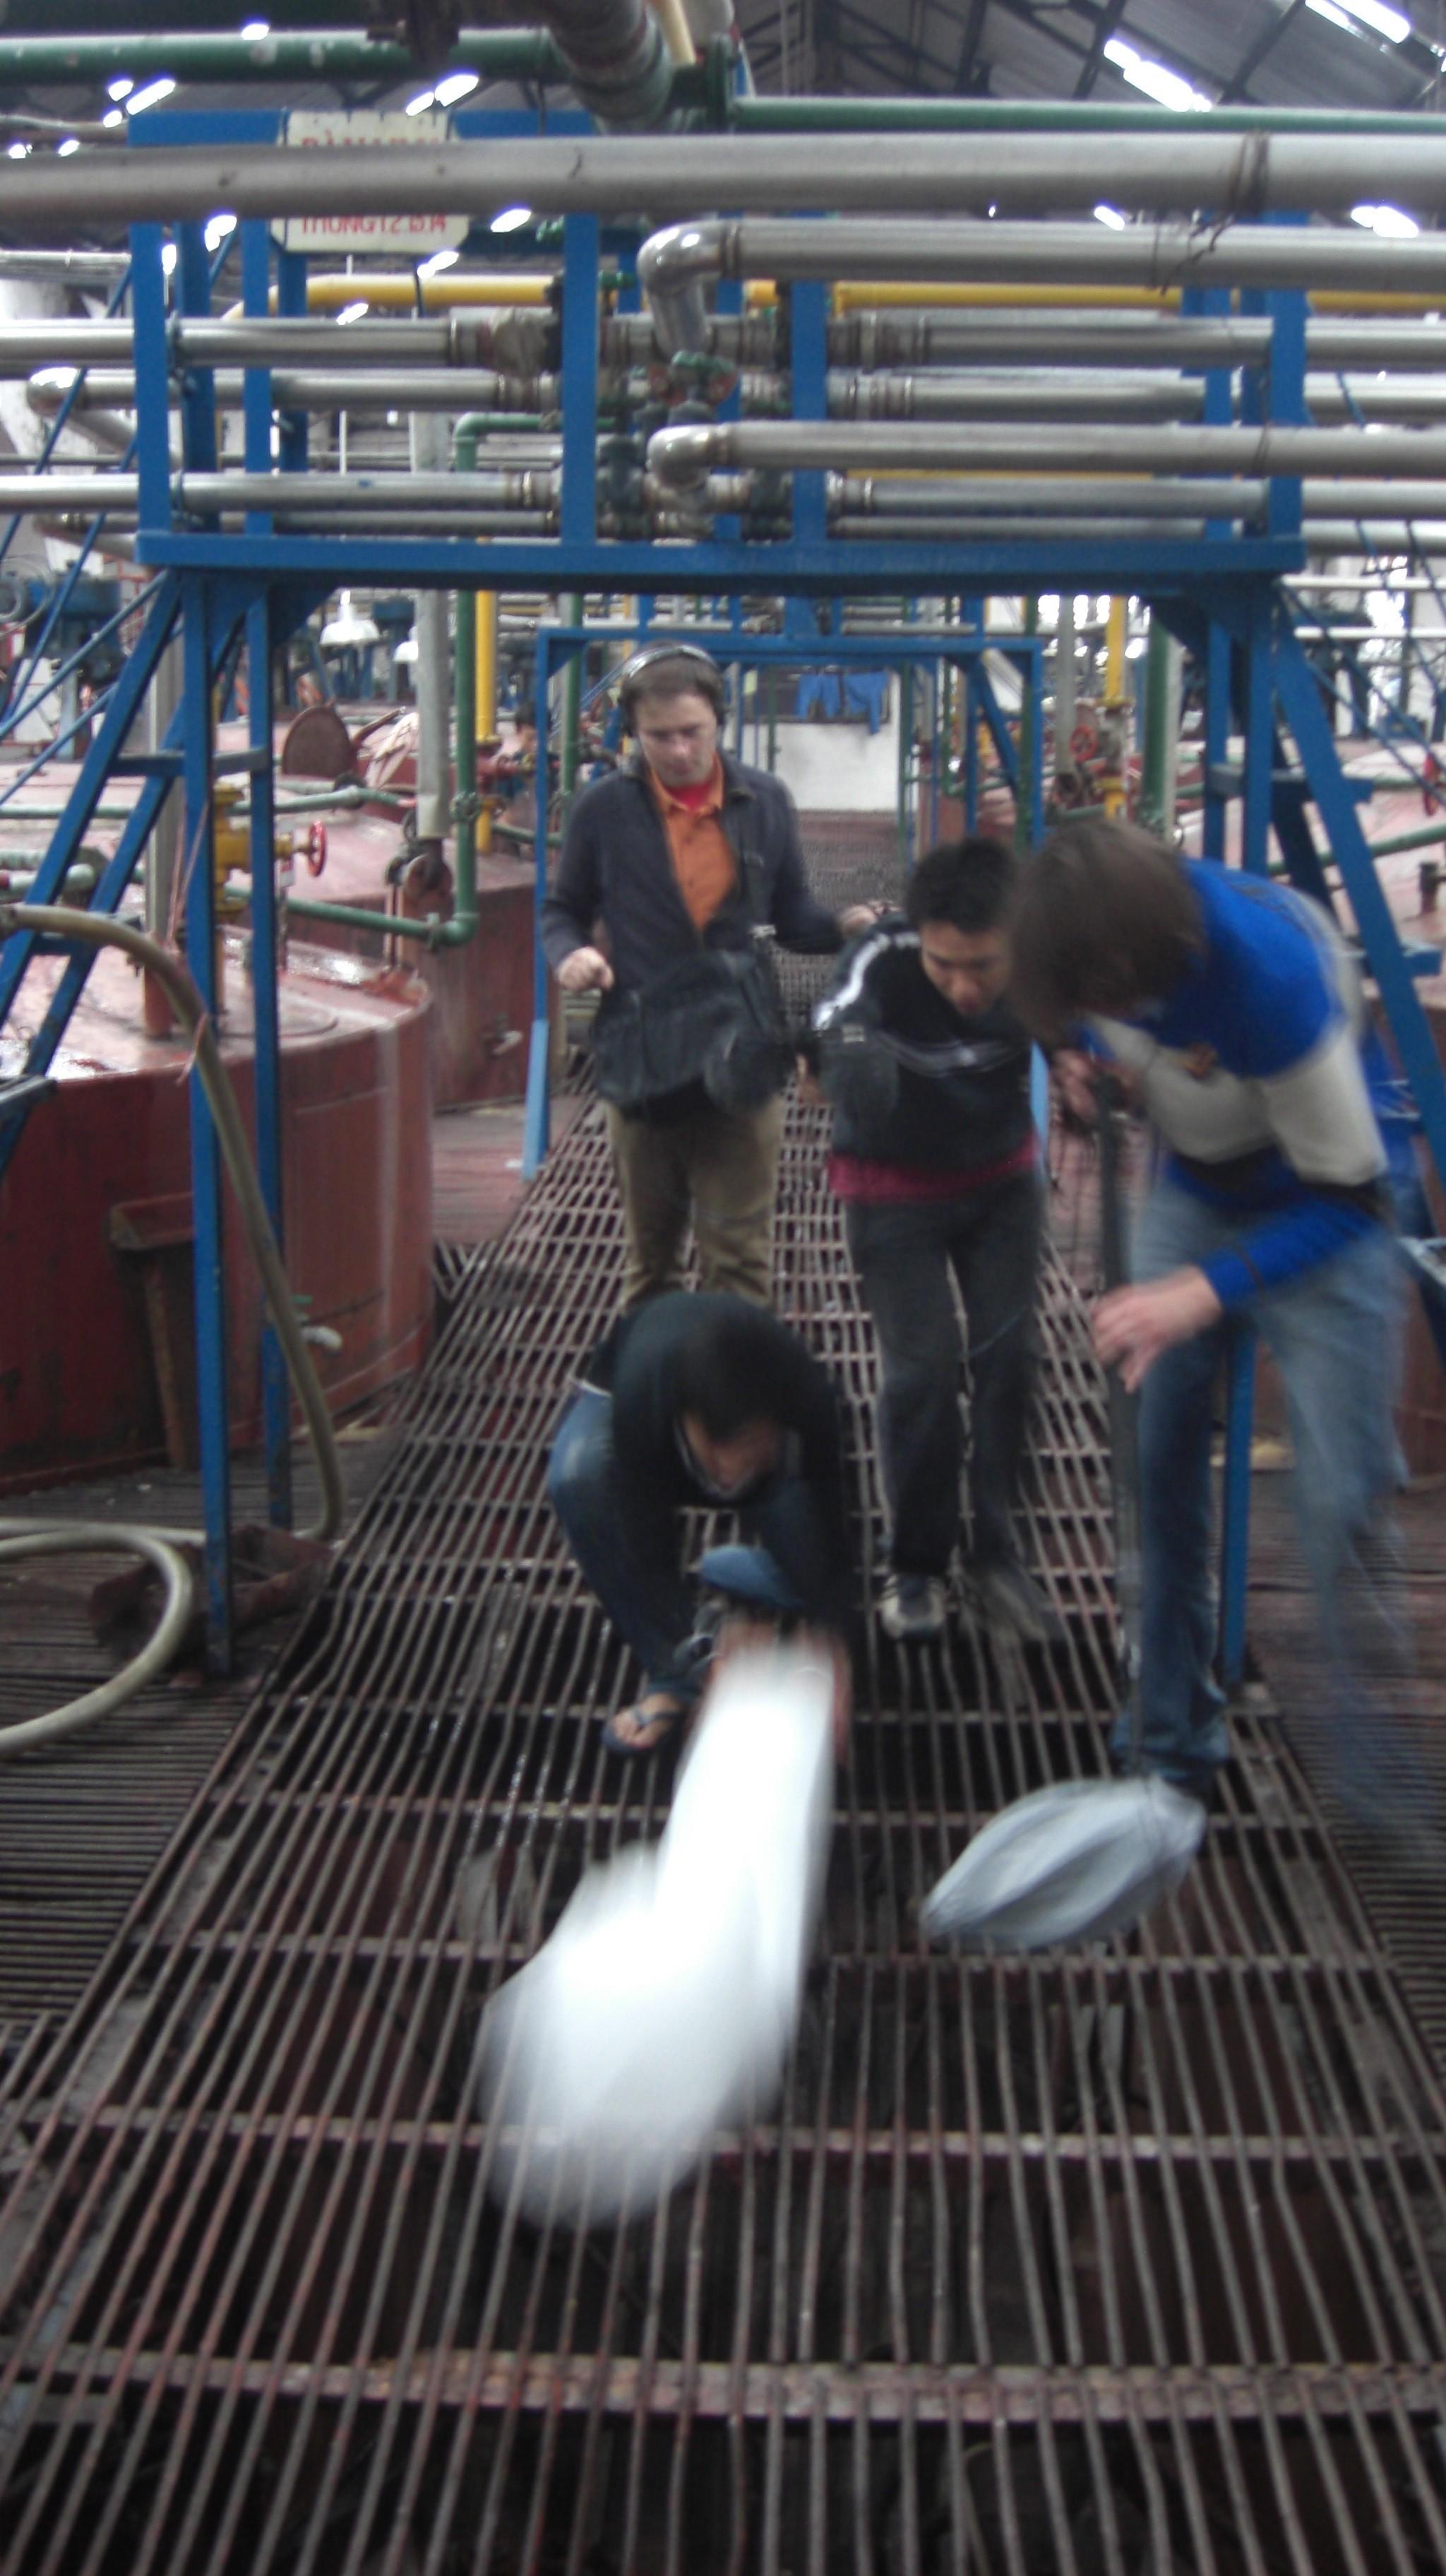 Enregistrement des sons de glace dans l'usine avec Franck Desmoulins (monteur son), Roman Dymny (mixeur) et Le Hoang Anh (assistant).